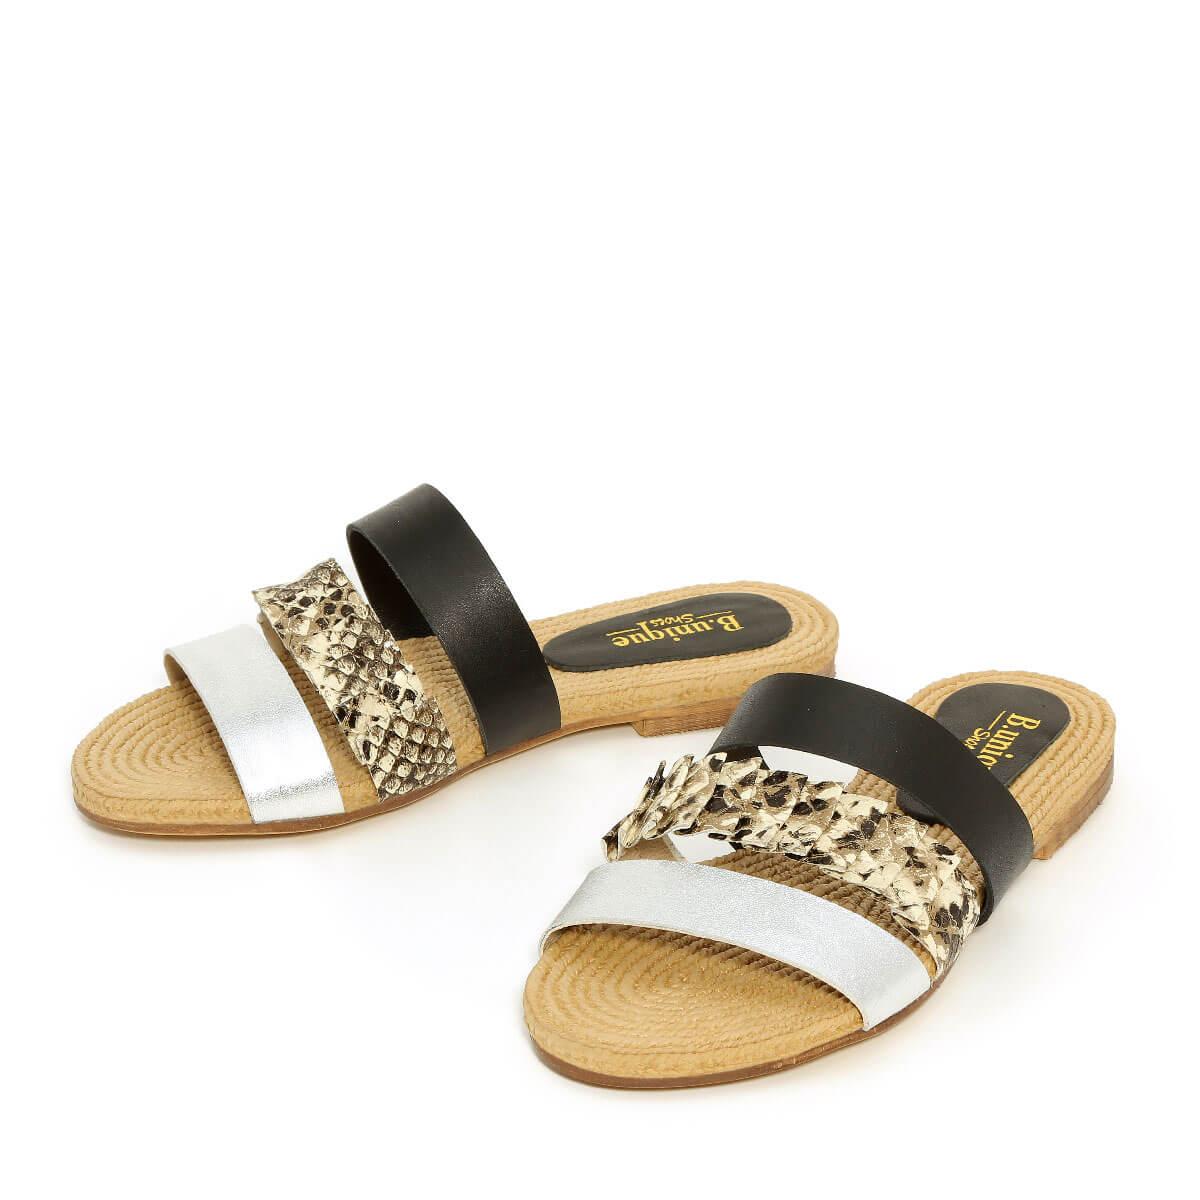 דגם נויה: נעליים בצבע שחור